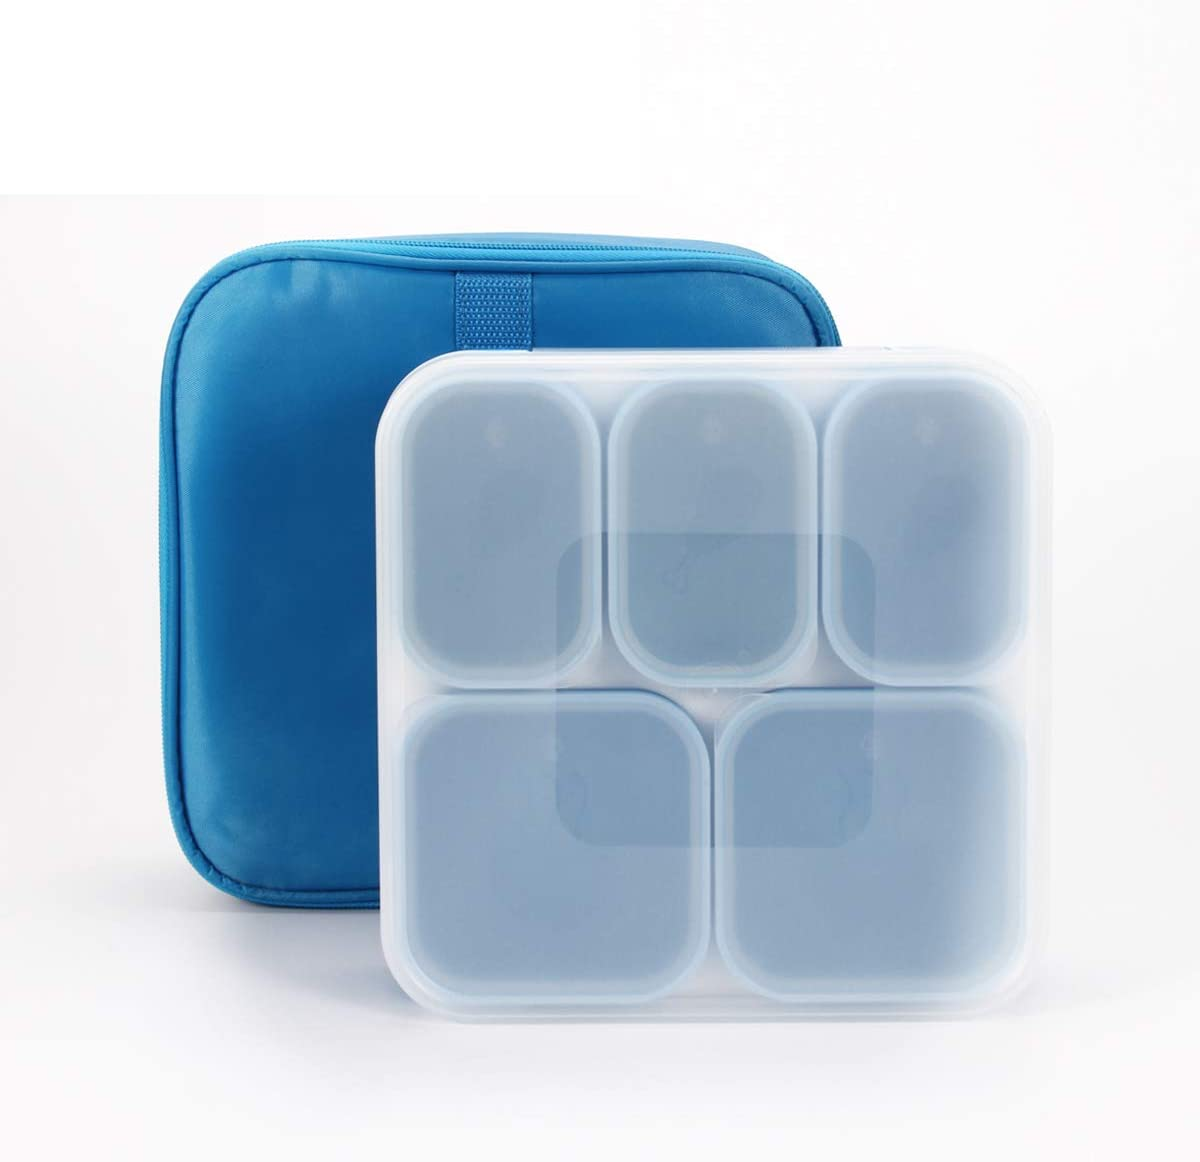 U Unus Bento Lunch Box, Meal Prep, Leak Proof, Reusable 5-Compar